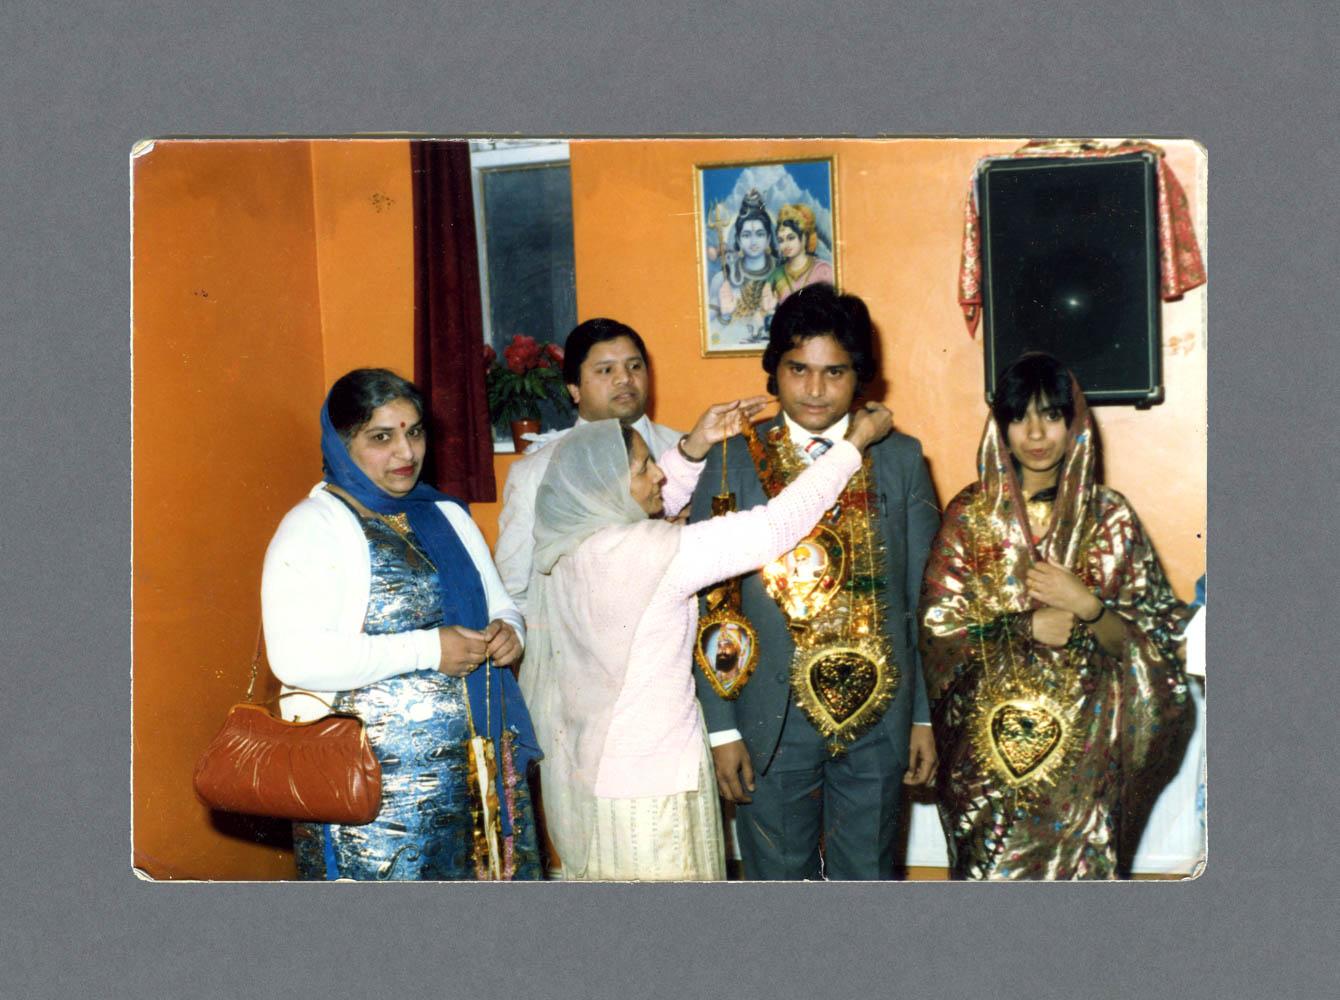 Shri Dhurga Bhawan, Wellington Rd. c.1988